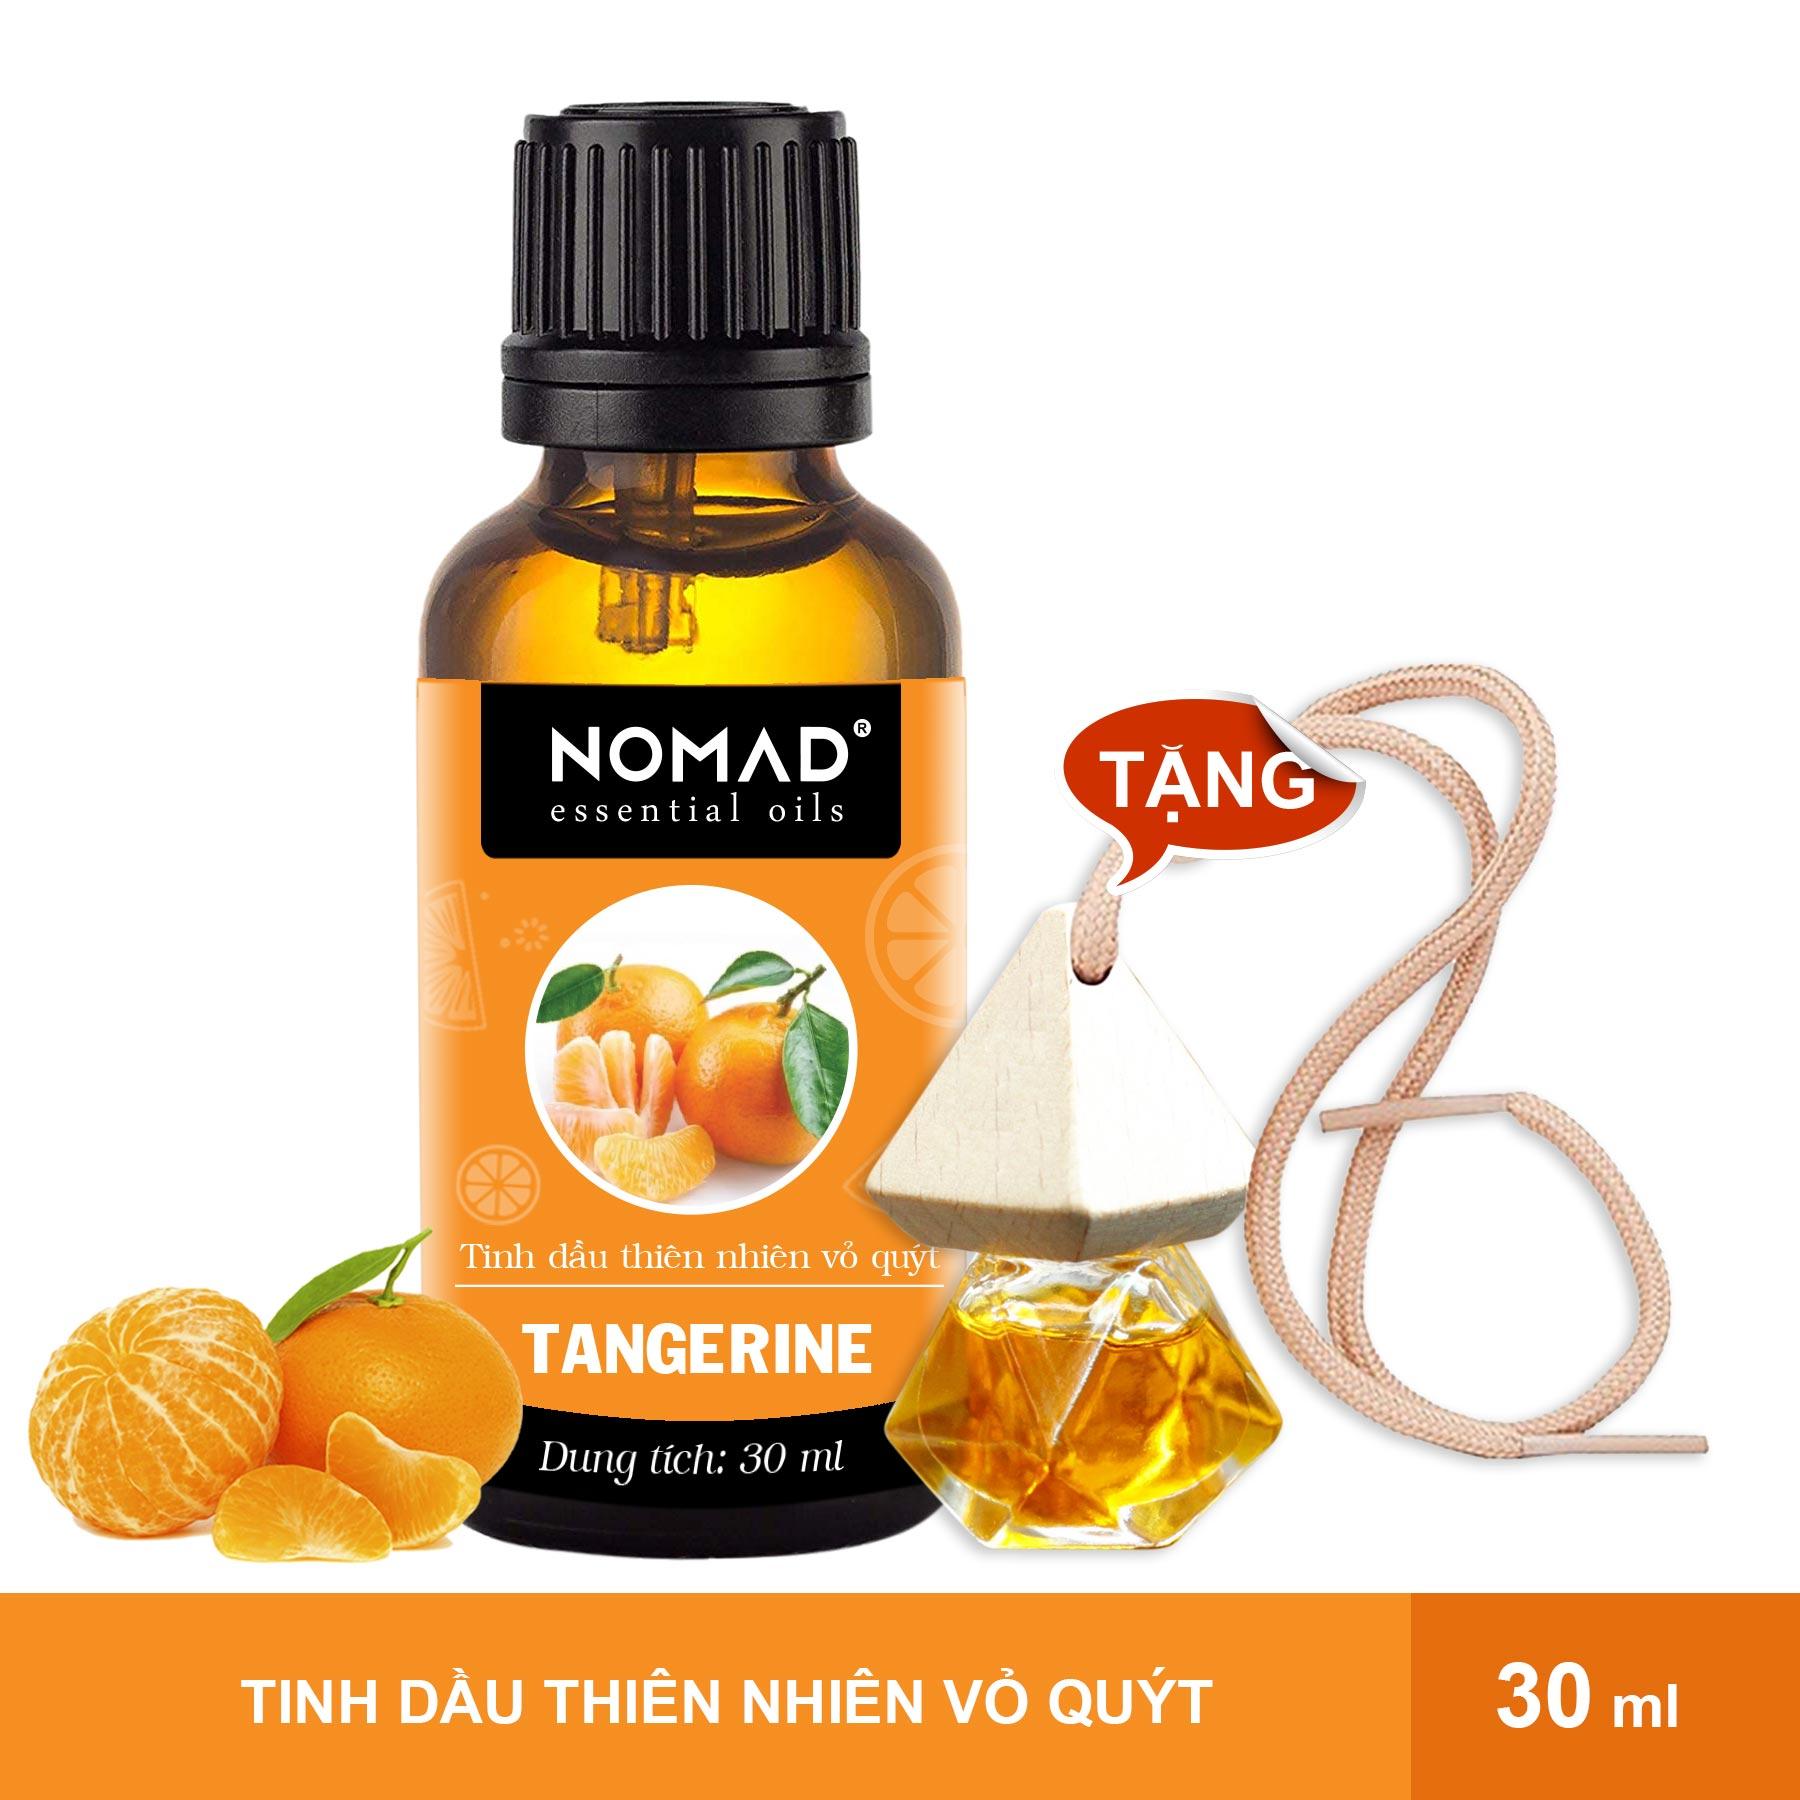 Combo Tinh Dầu Thiên Nhiên Vỏ Quýt Nomad Essential Oils Tangerine 30ml + Vỏ Tinh Dầu Dạng Treo